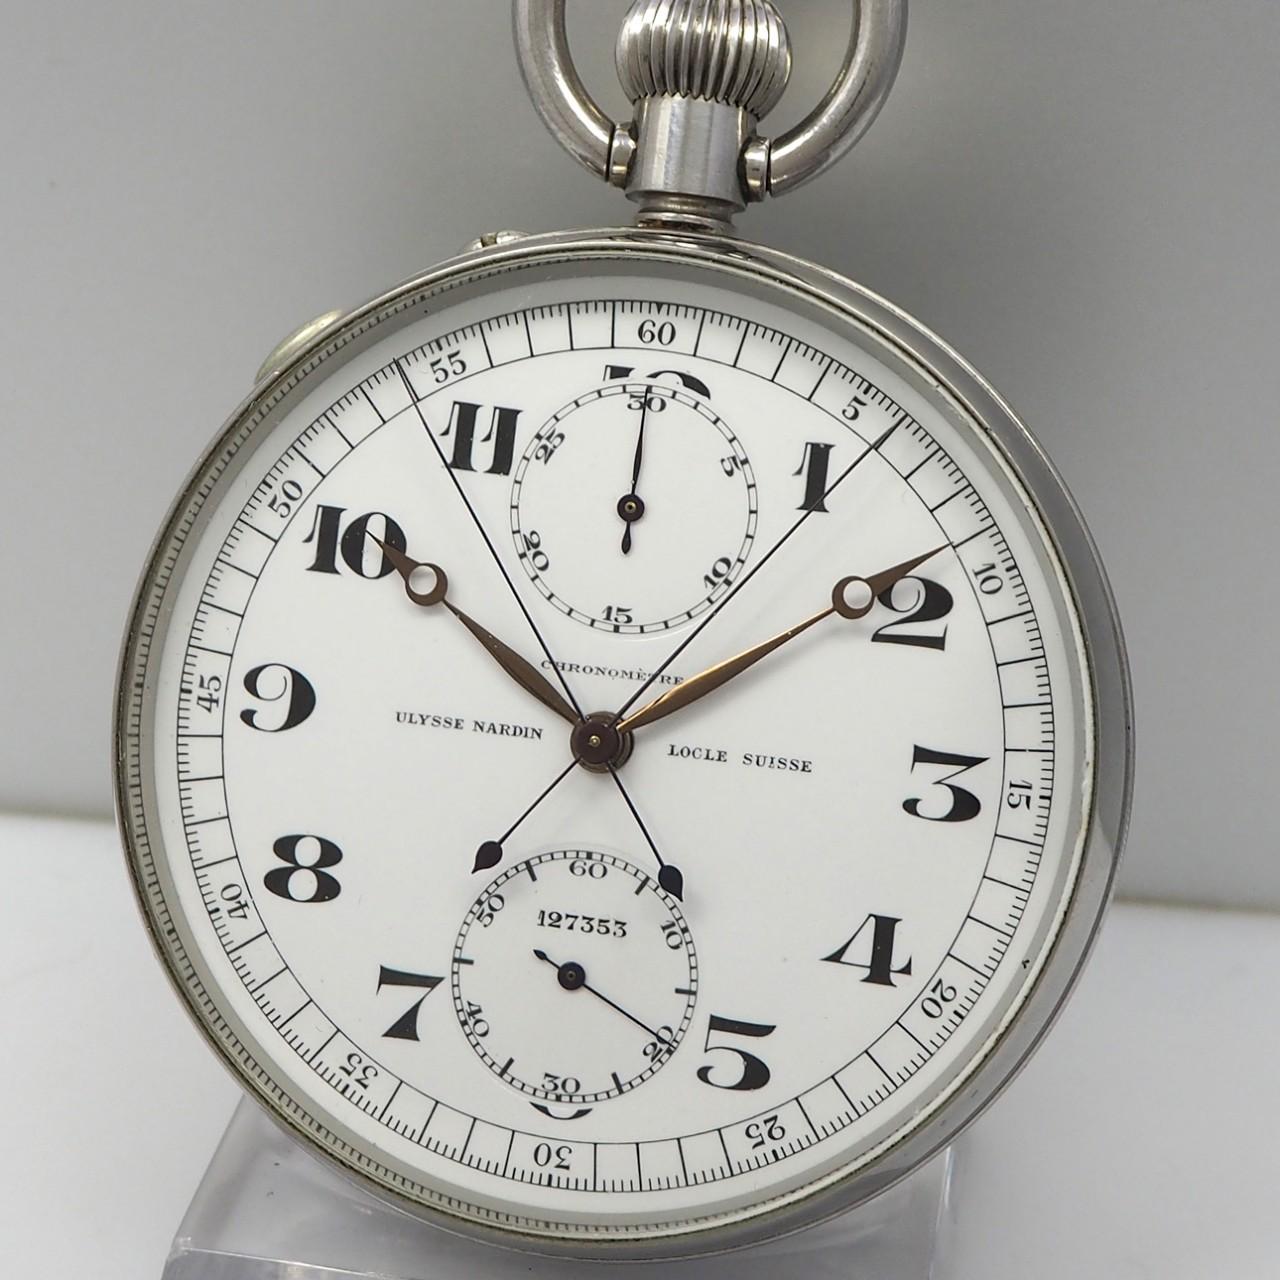 Taschenuhr Ulysse Nardin Beobachtungschronometer Rattrapante um 1955